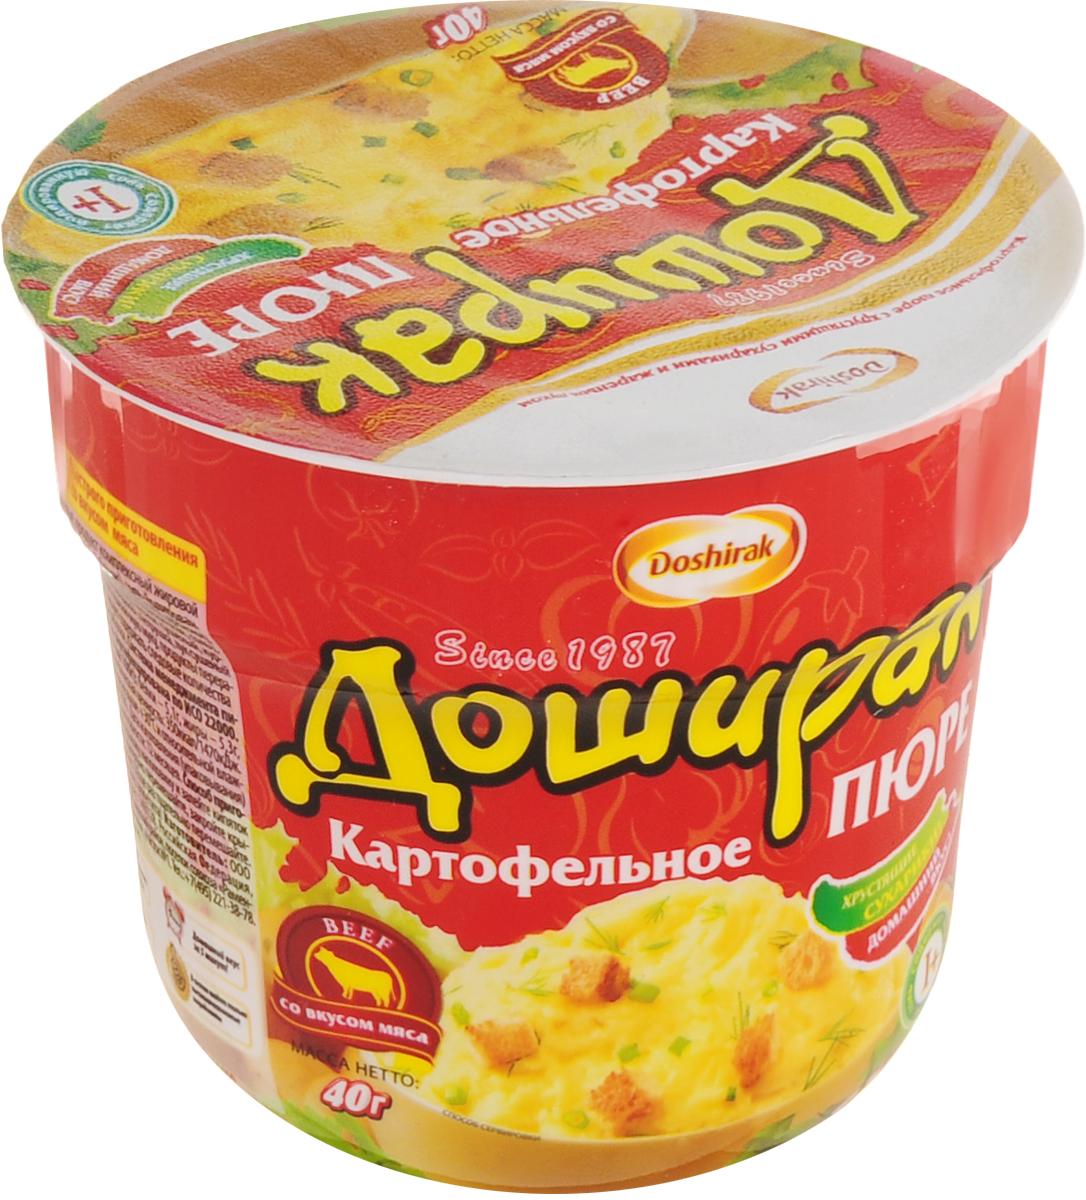 Doshirak пюре картофельное быстрого приготовления со вкусом мяса, в стакане, 40 г4607065580278Картофельное пюре быстрого приготовления залить кипятком до нижнего ободка, тщательно перемешать, закрыть крышкой и подождать 5 минут. Еще раз тщательно перемешать. Пюре готово! Приятного аппетита!